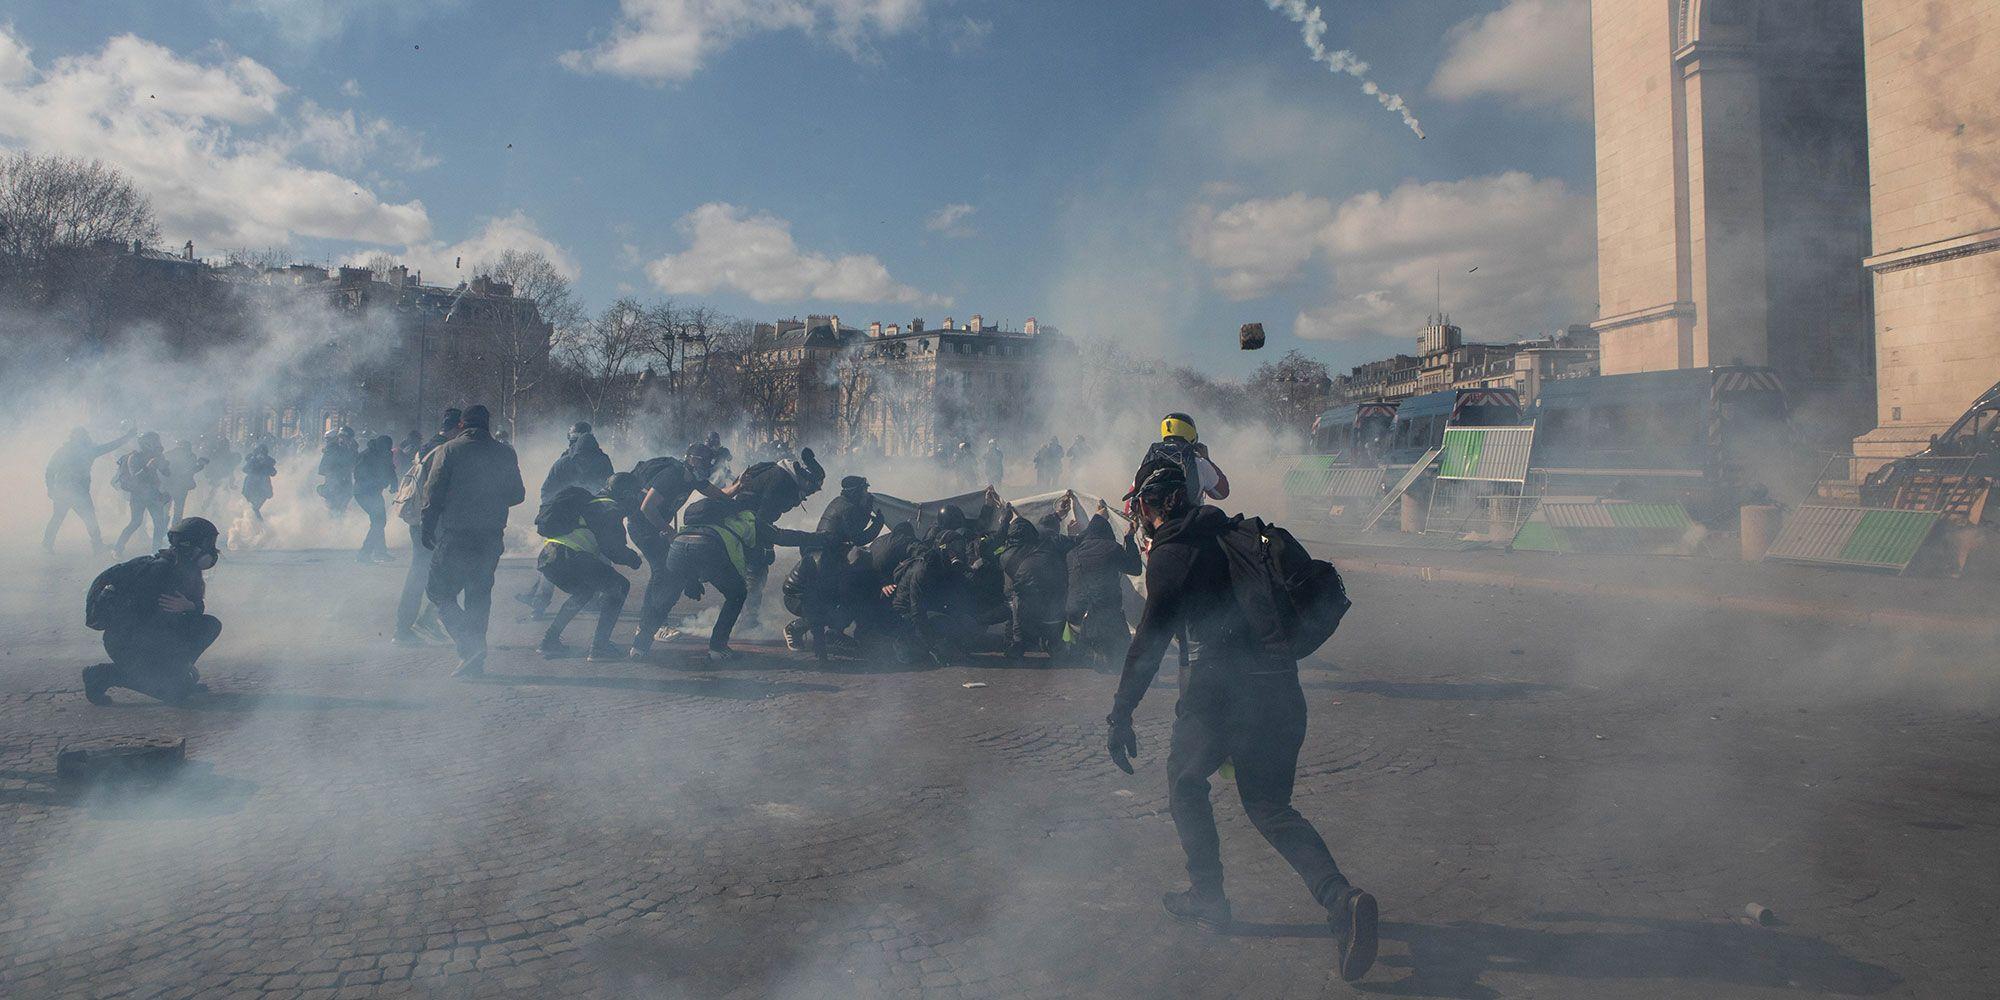 https://resize-lejdd.lanmedia.fr/img/var/europe1/storage/images/lejdd/societe/magasins-pilles-police-visee-les-images-du-violent-acte-18-des-gilets-jaunes-a-paris-3875315/gilets1/52540244-1-fre-FR/Gilets1.jpg